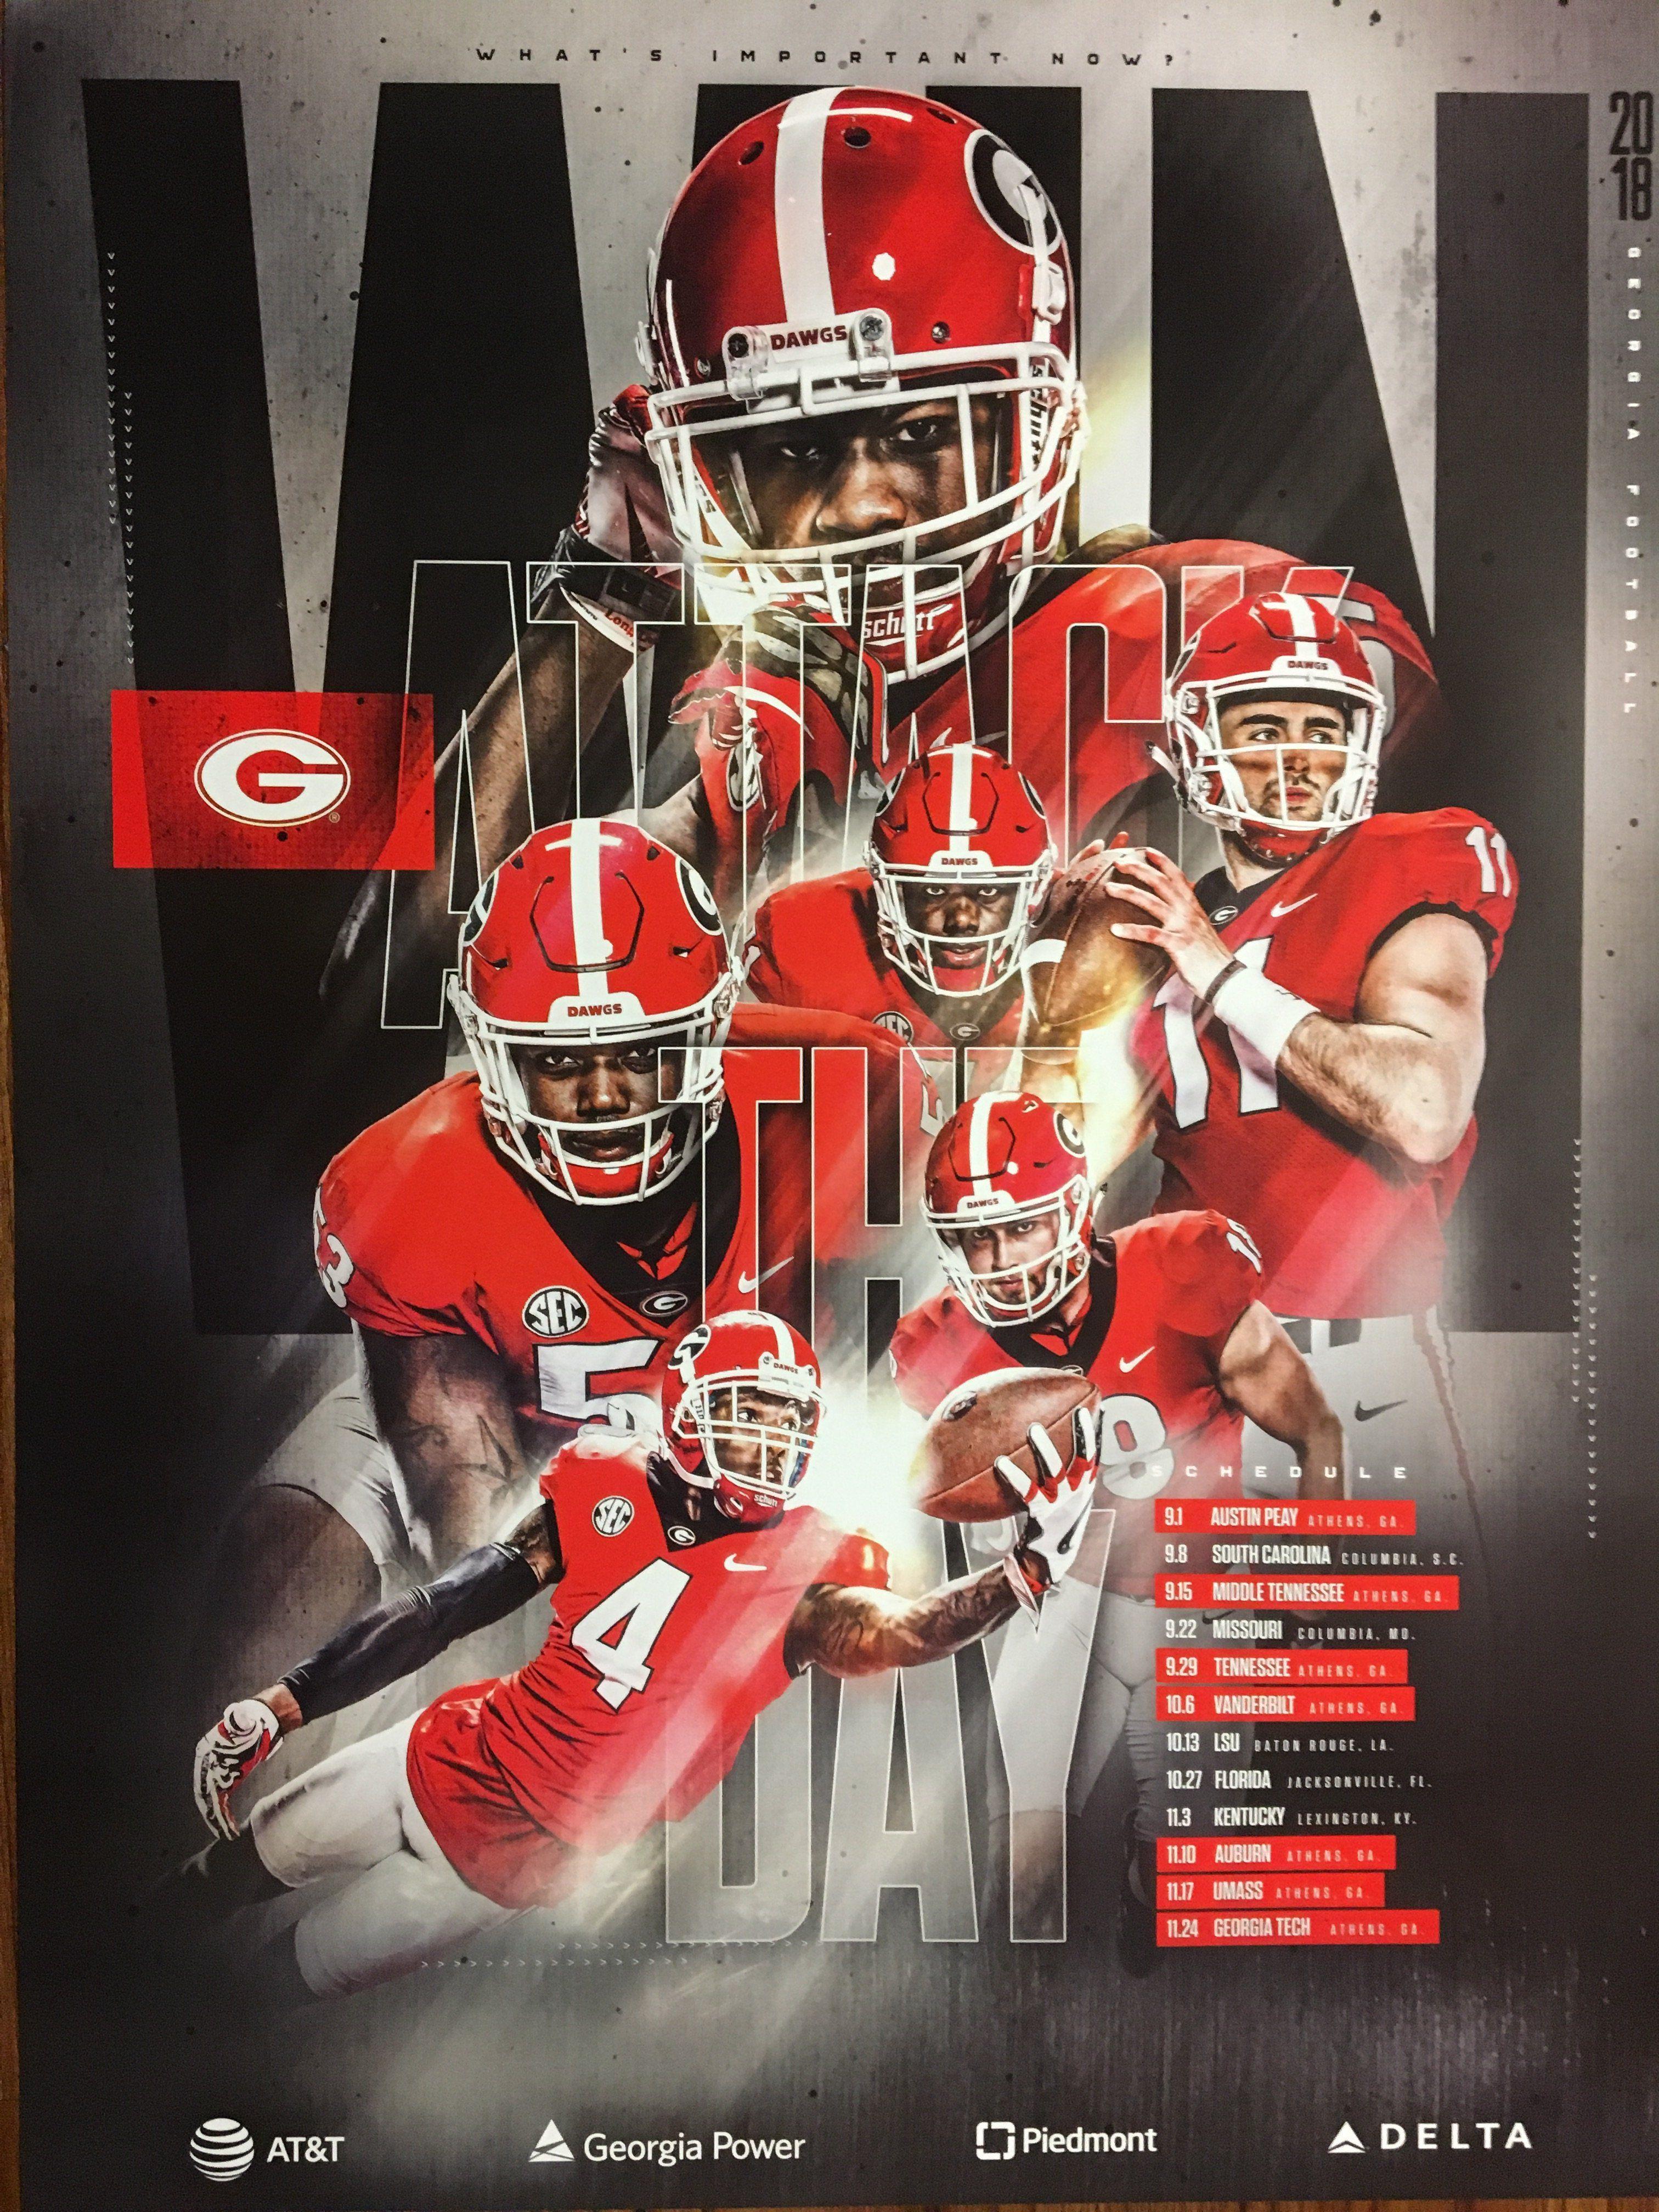 2018 football team schedule poster | football | pinterest | football